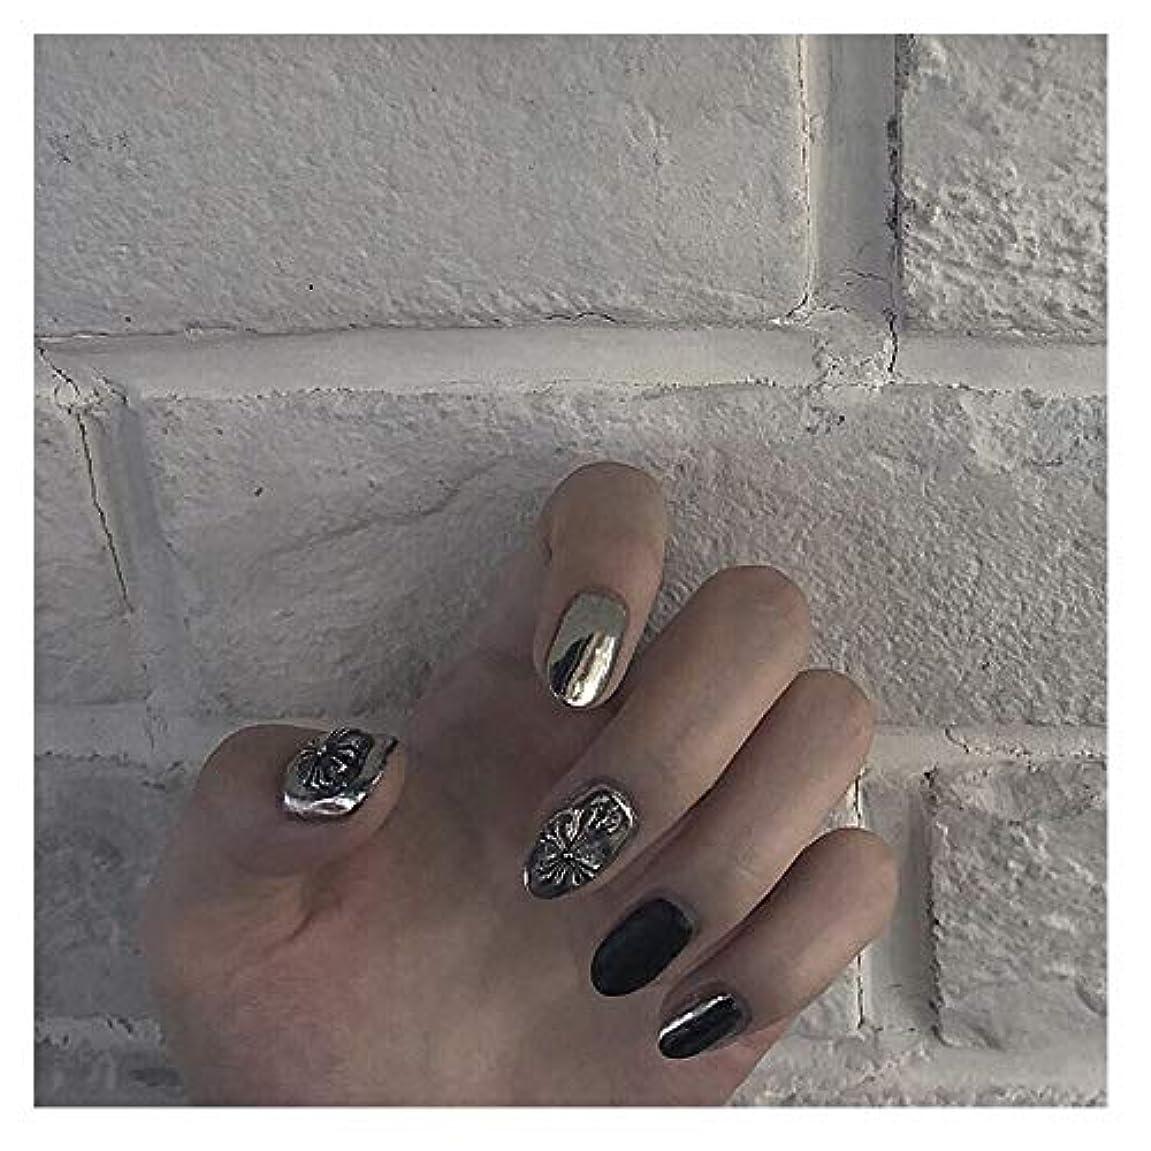 鑑定変数干し草BOBIDYEE シルバークロスゴススタイルグルーフェイクネイルズファッション単一製品アクセサリーラウンドネイルズ光沢のあるシルバー+ブラック (色 : 24 pieces)